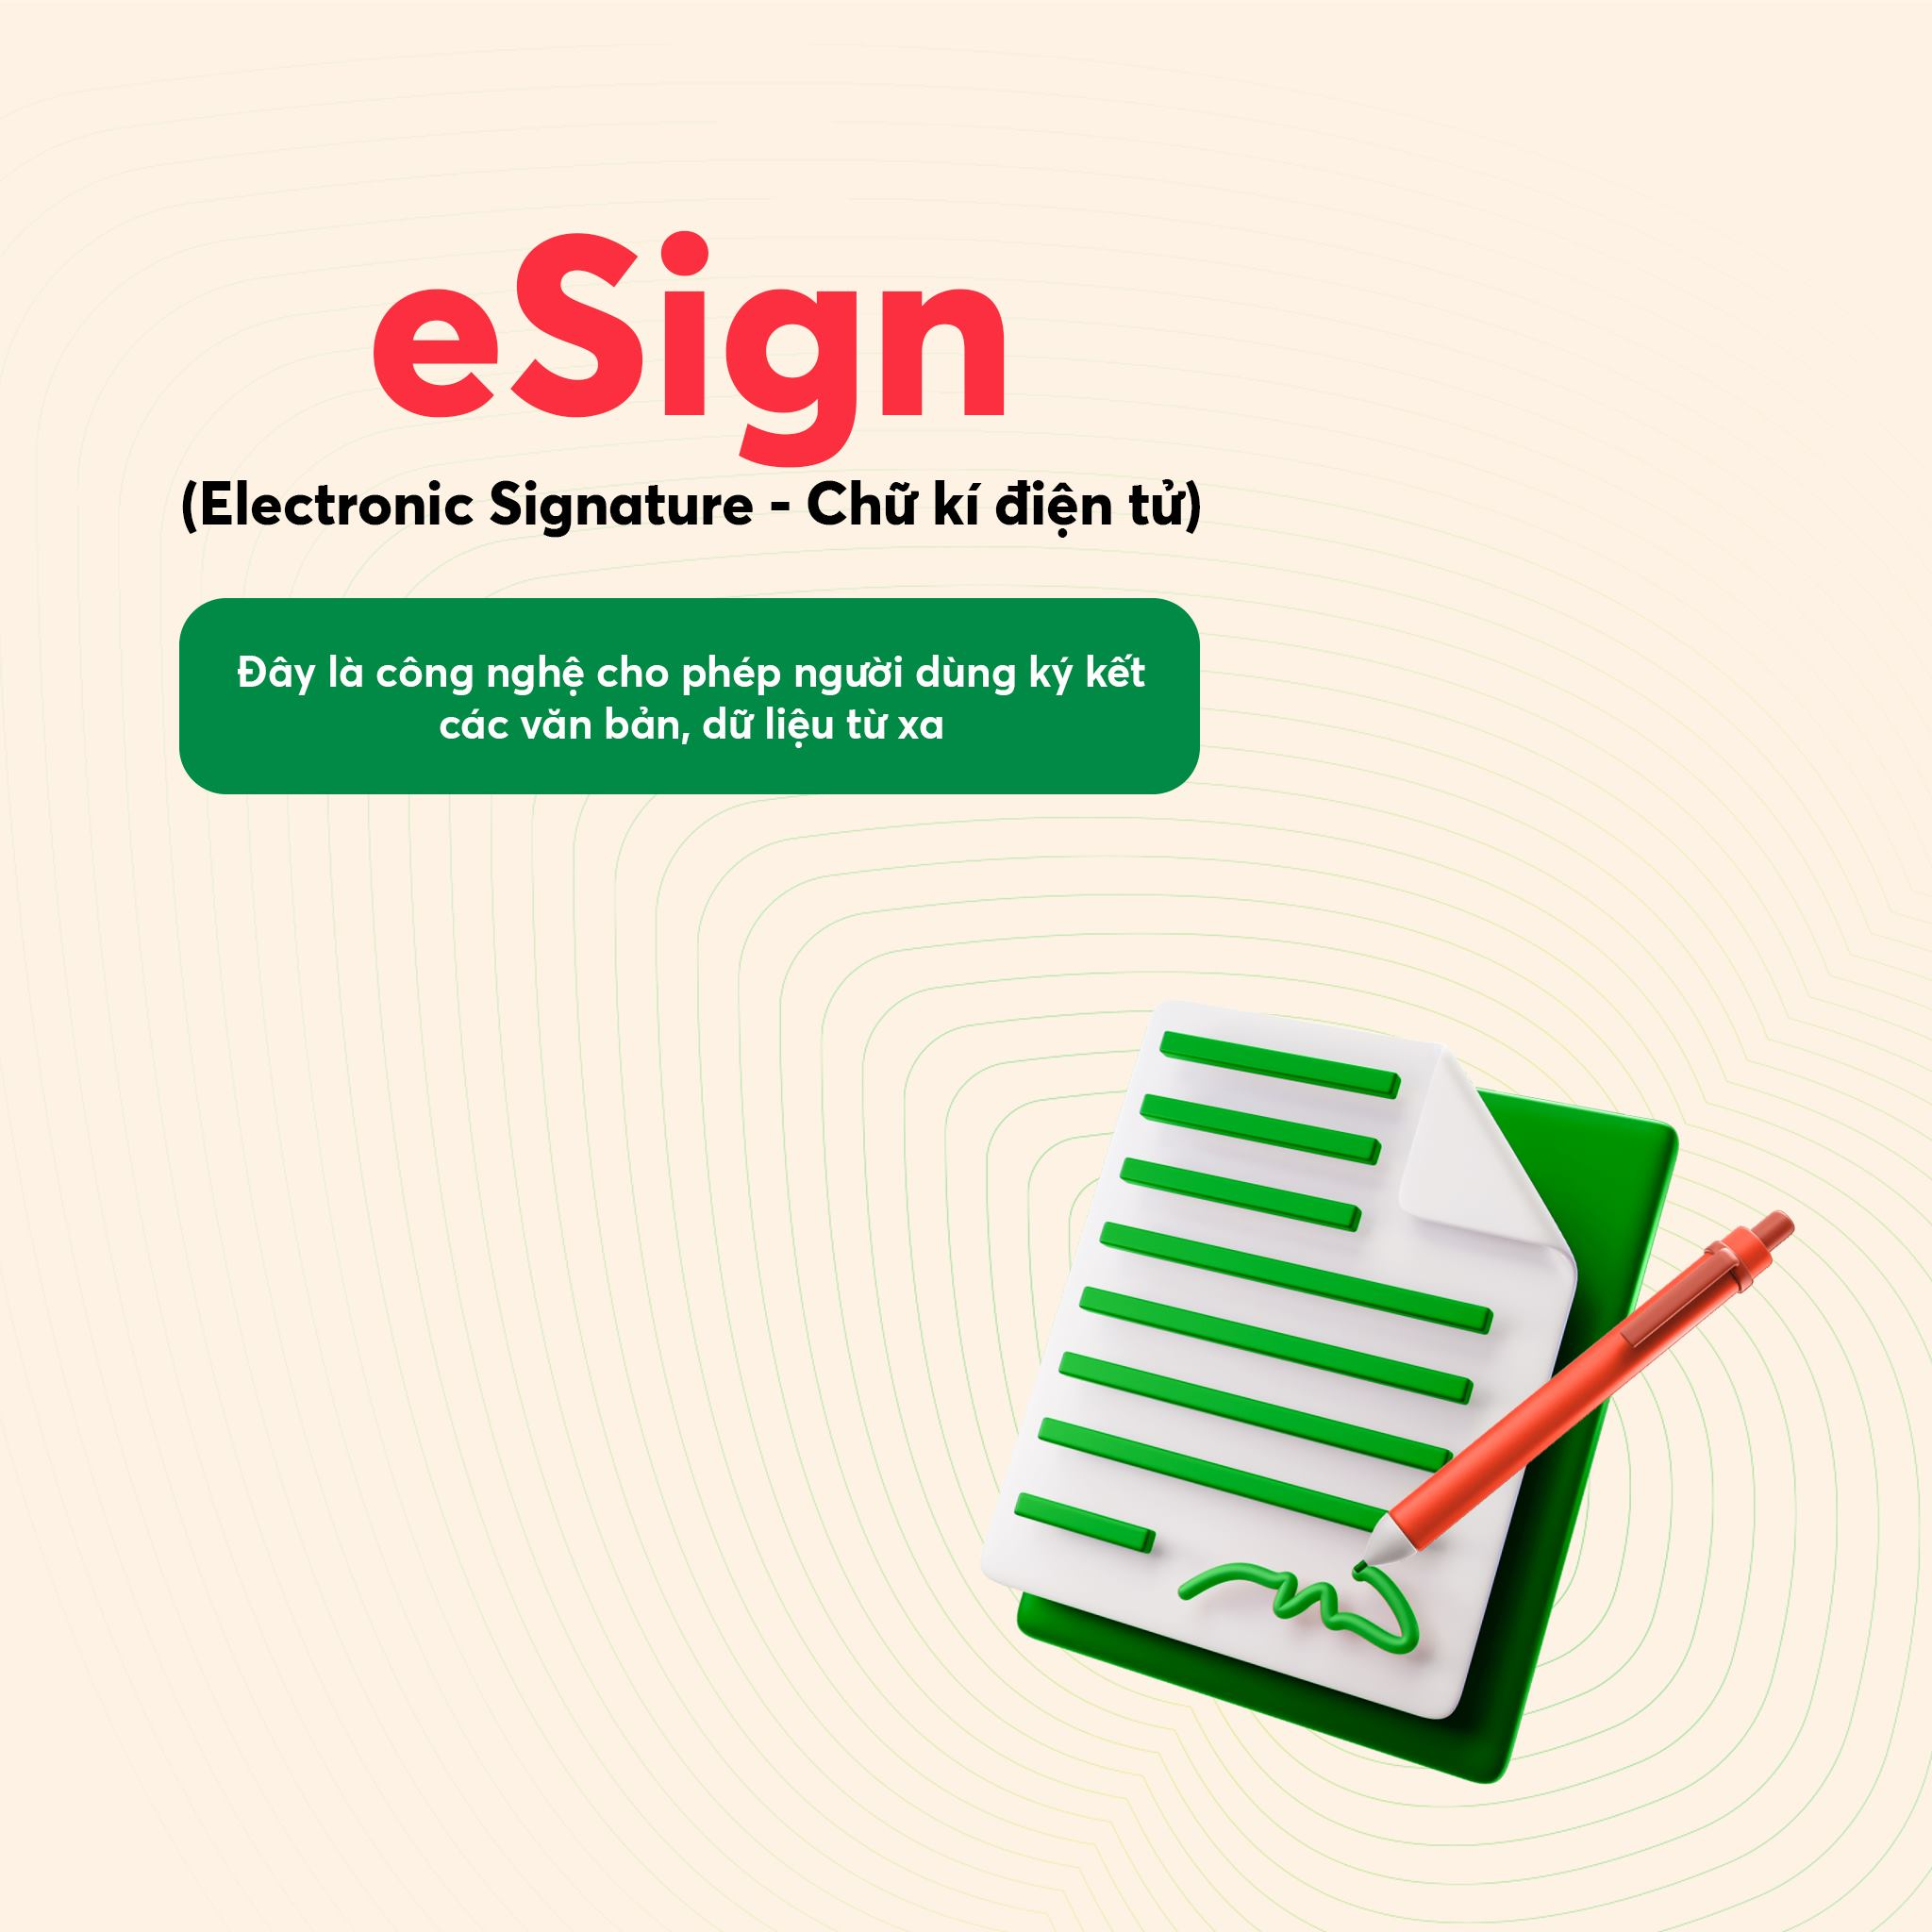 eSign Chữ kí điện tử